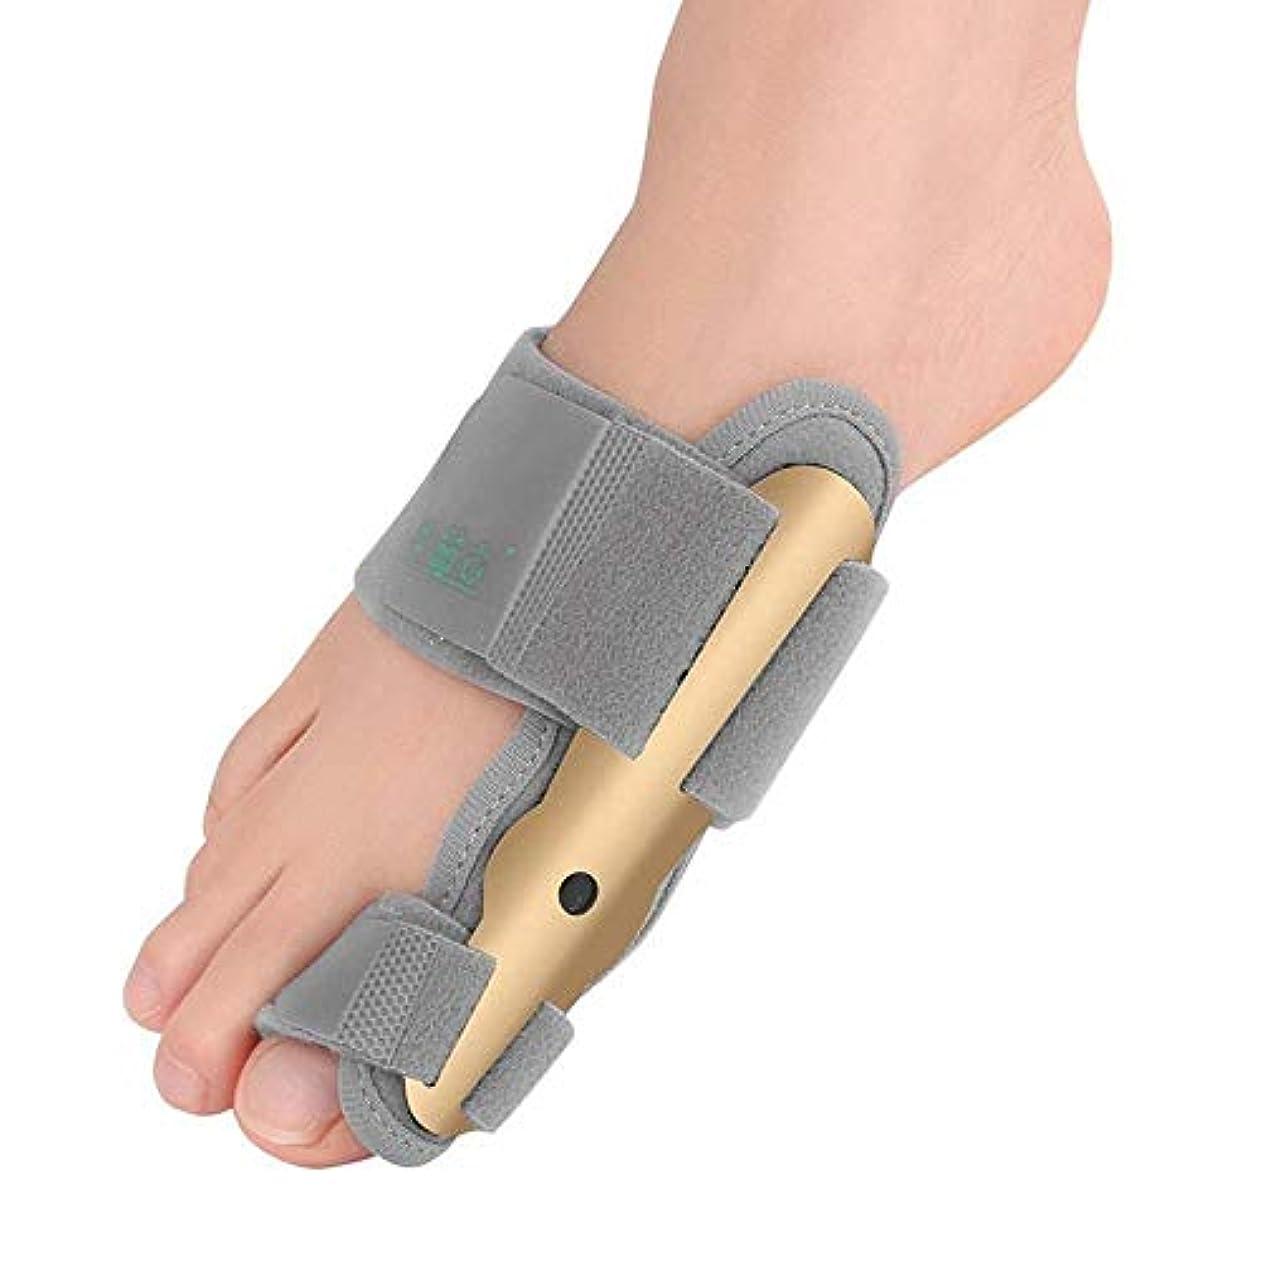 盆地思春期体つま先のセパレーター、足の親指のアライメント矯正器のつま先の変形とサポート腱膜瘤1ピース、ユニバーサル左足と右足